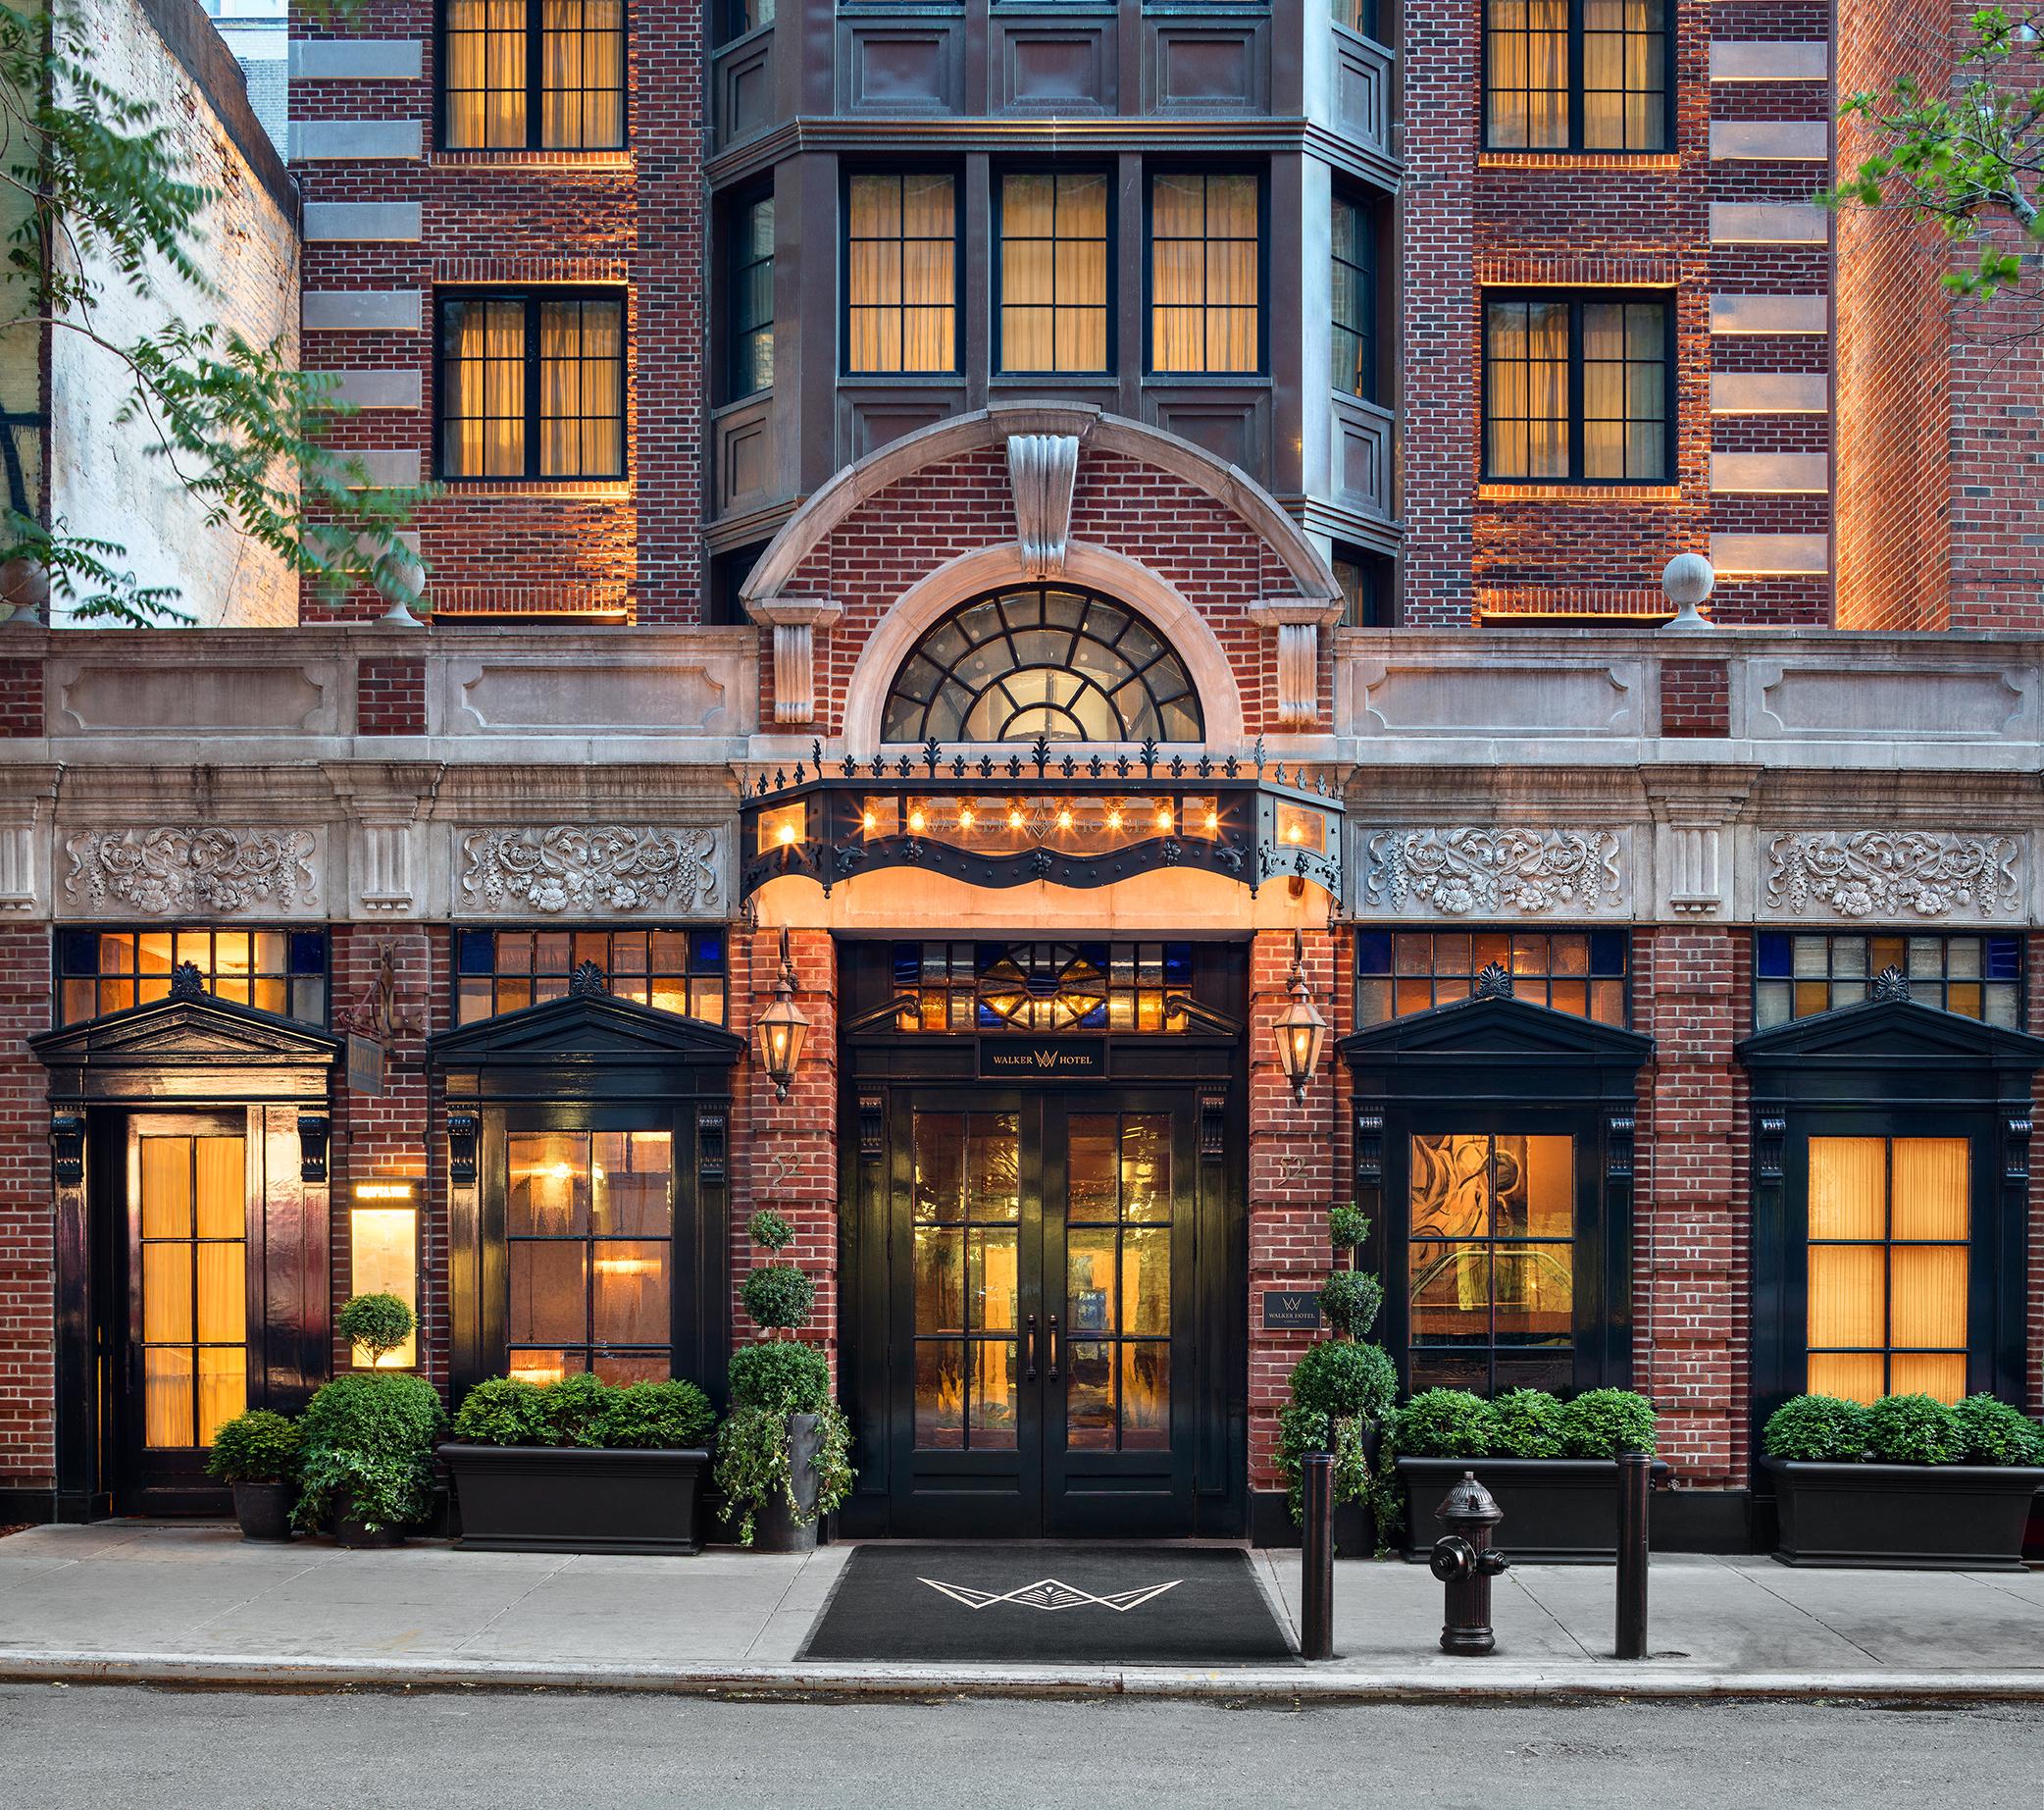 Walker Hotel Greenwich Village image 0